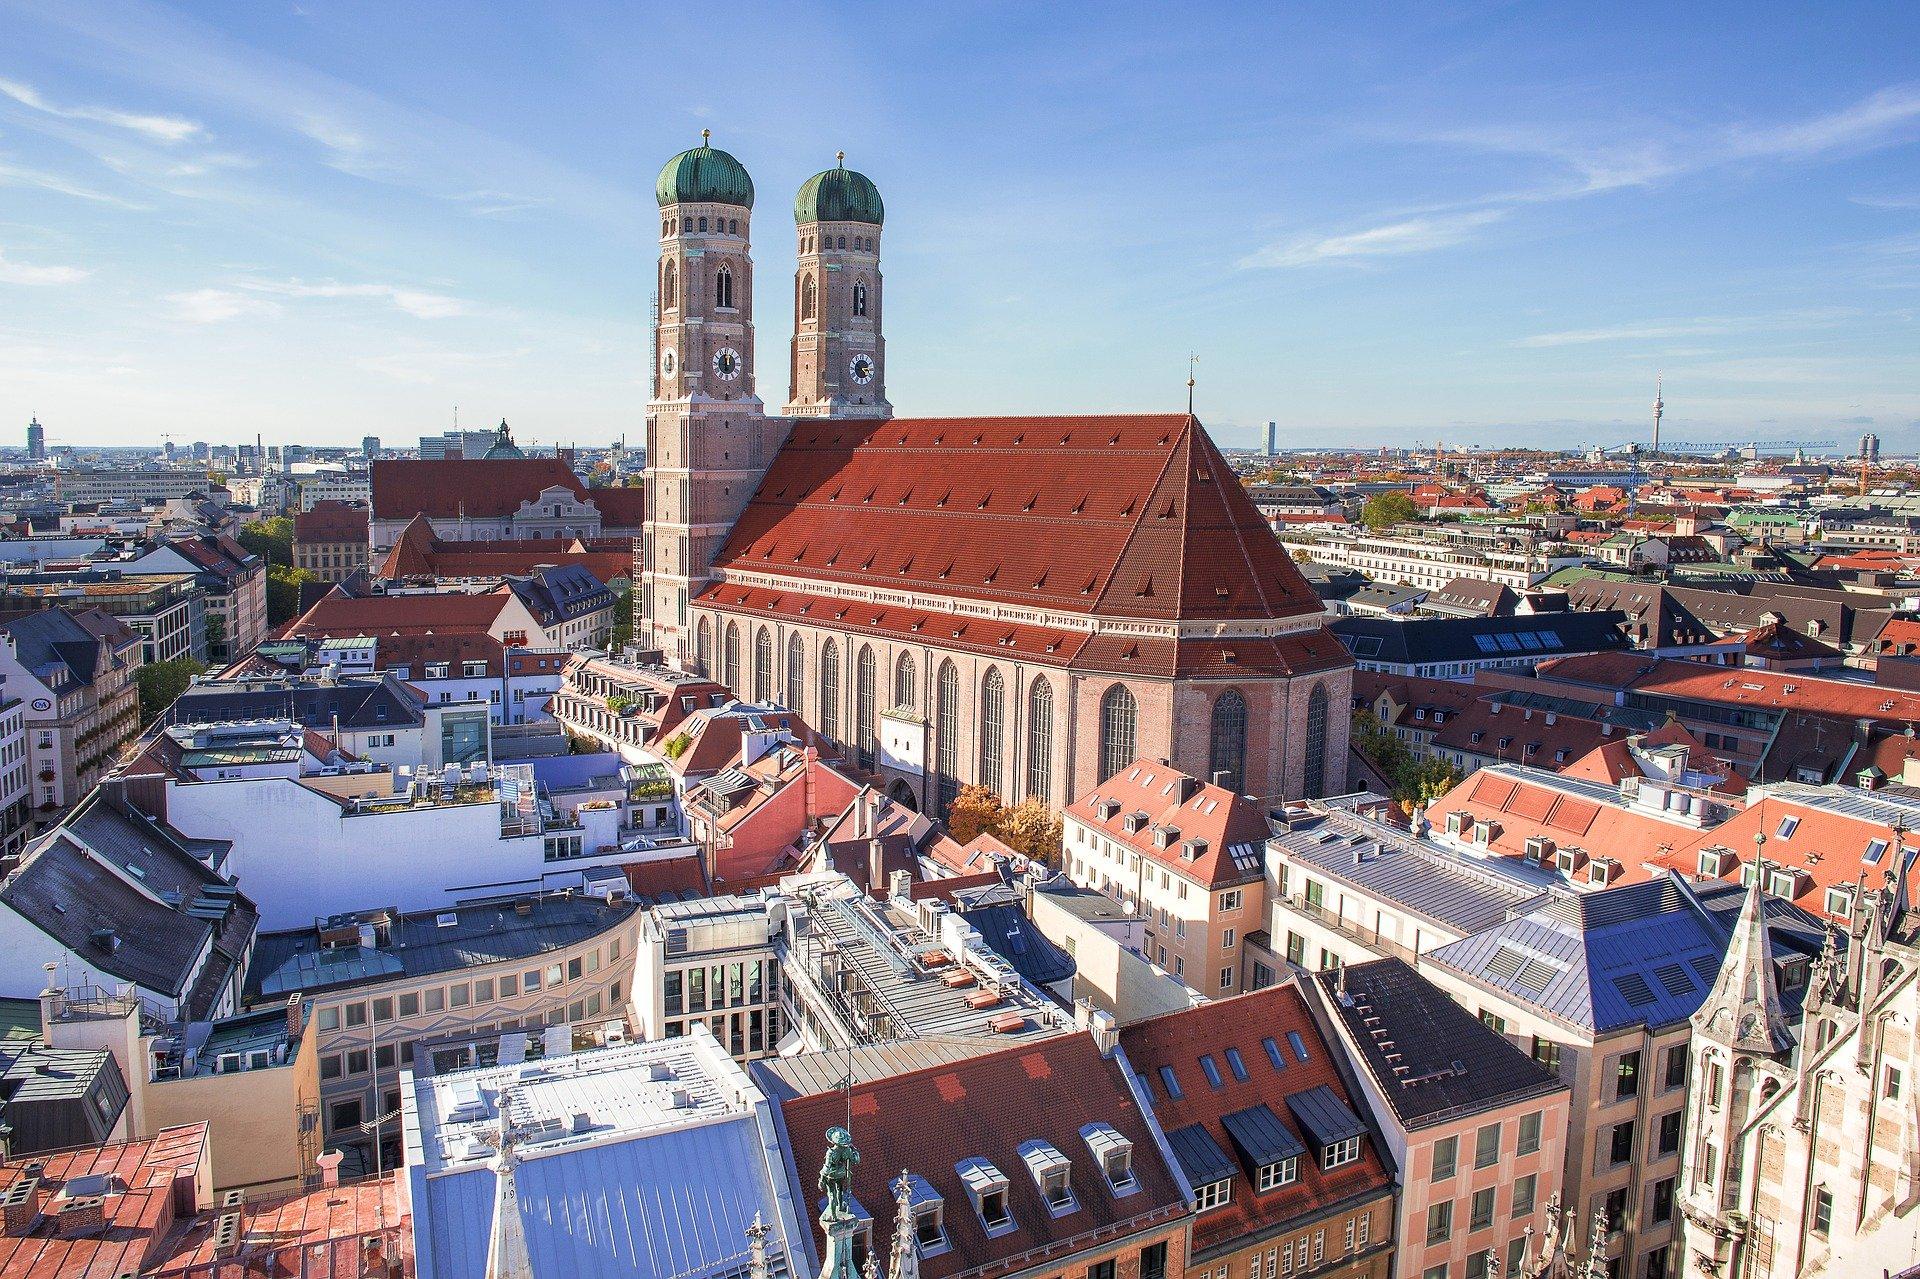 Las calles más caras de Alemania: lujo, mejor ubicación y direcciones - Top 40+1